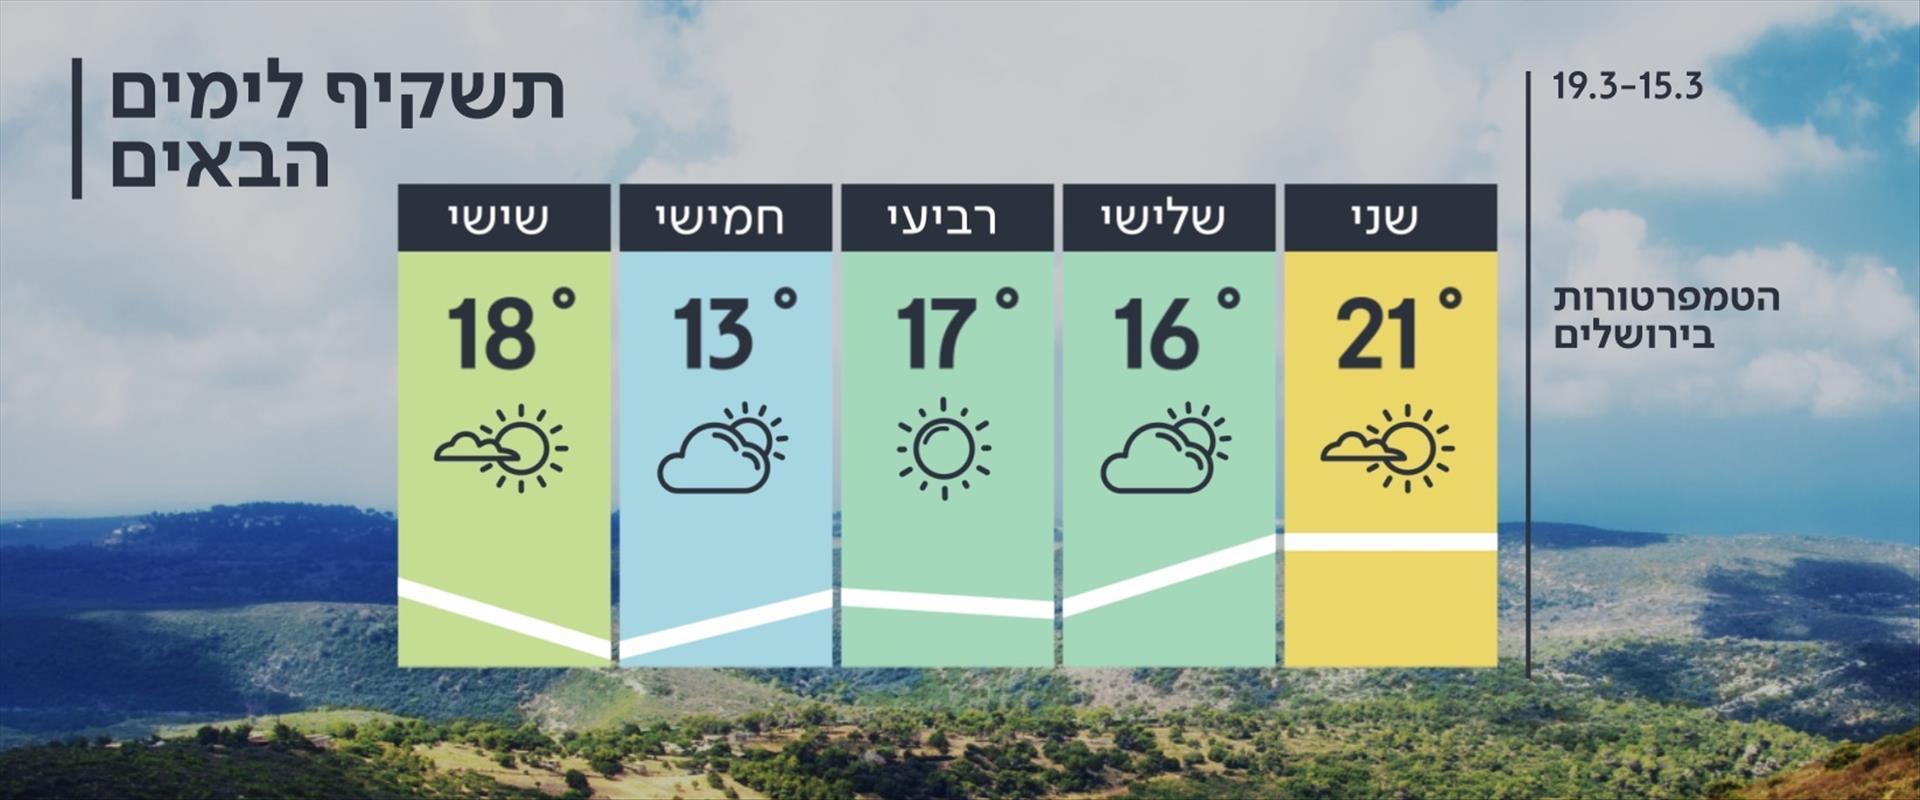 התחזית: מעונן חלקית עם עלייה בטמפרטורות